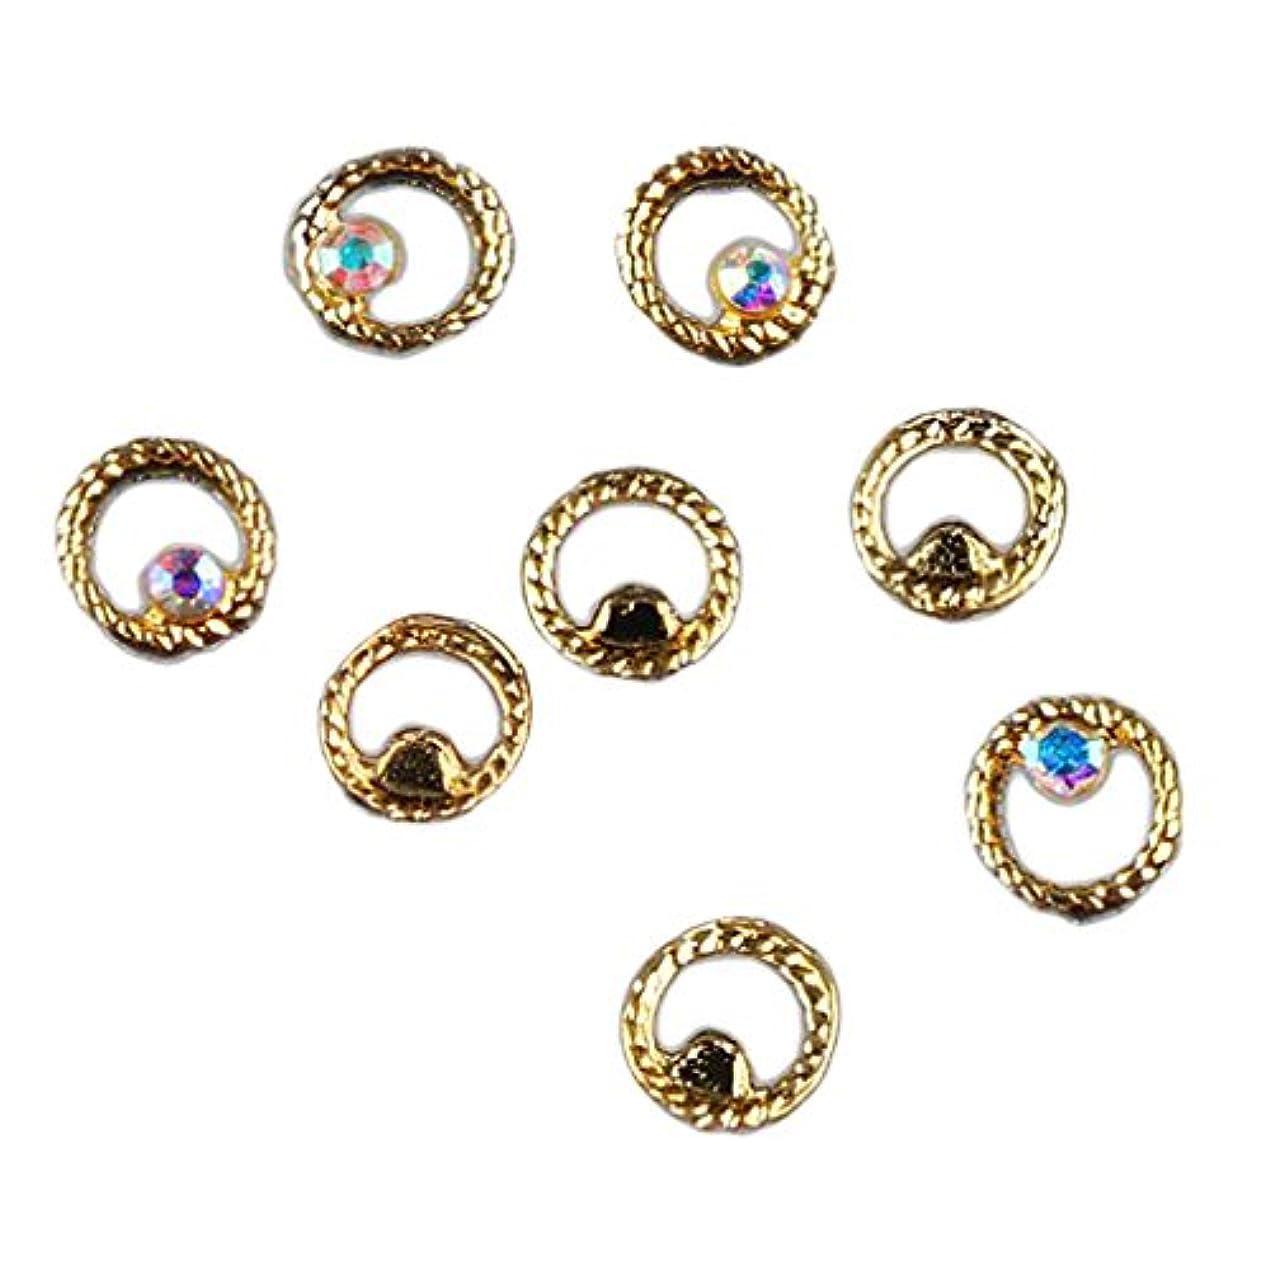 ブルーベル受け入れた契約したKesoto マニキュア ダイヤモンド 約50個 3Dネイルアート ヒントステッカー 装飾 全8タイプ選べ - 3